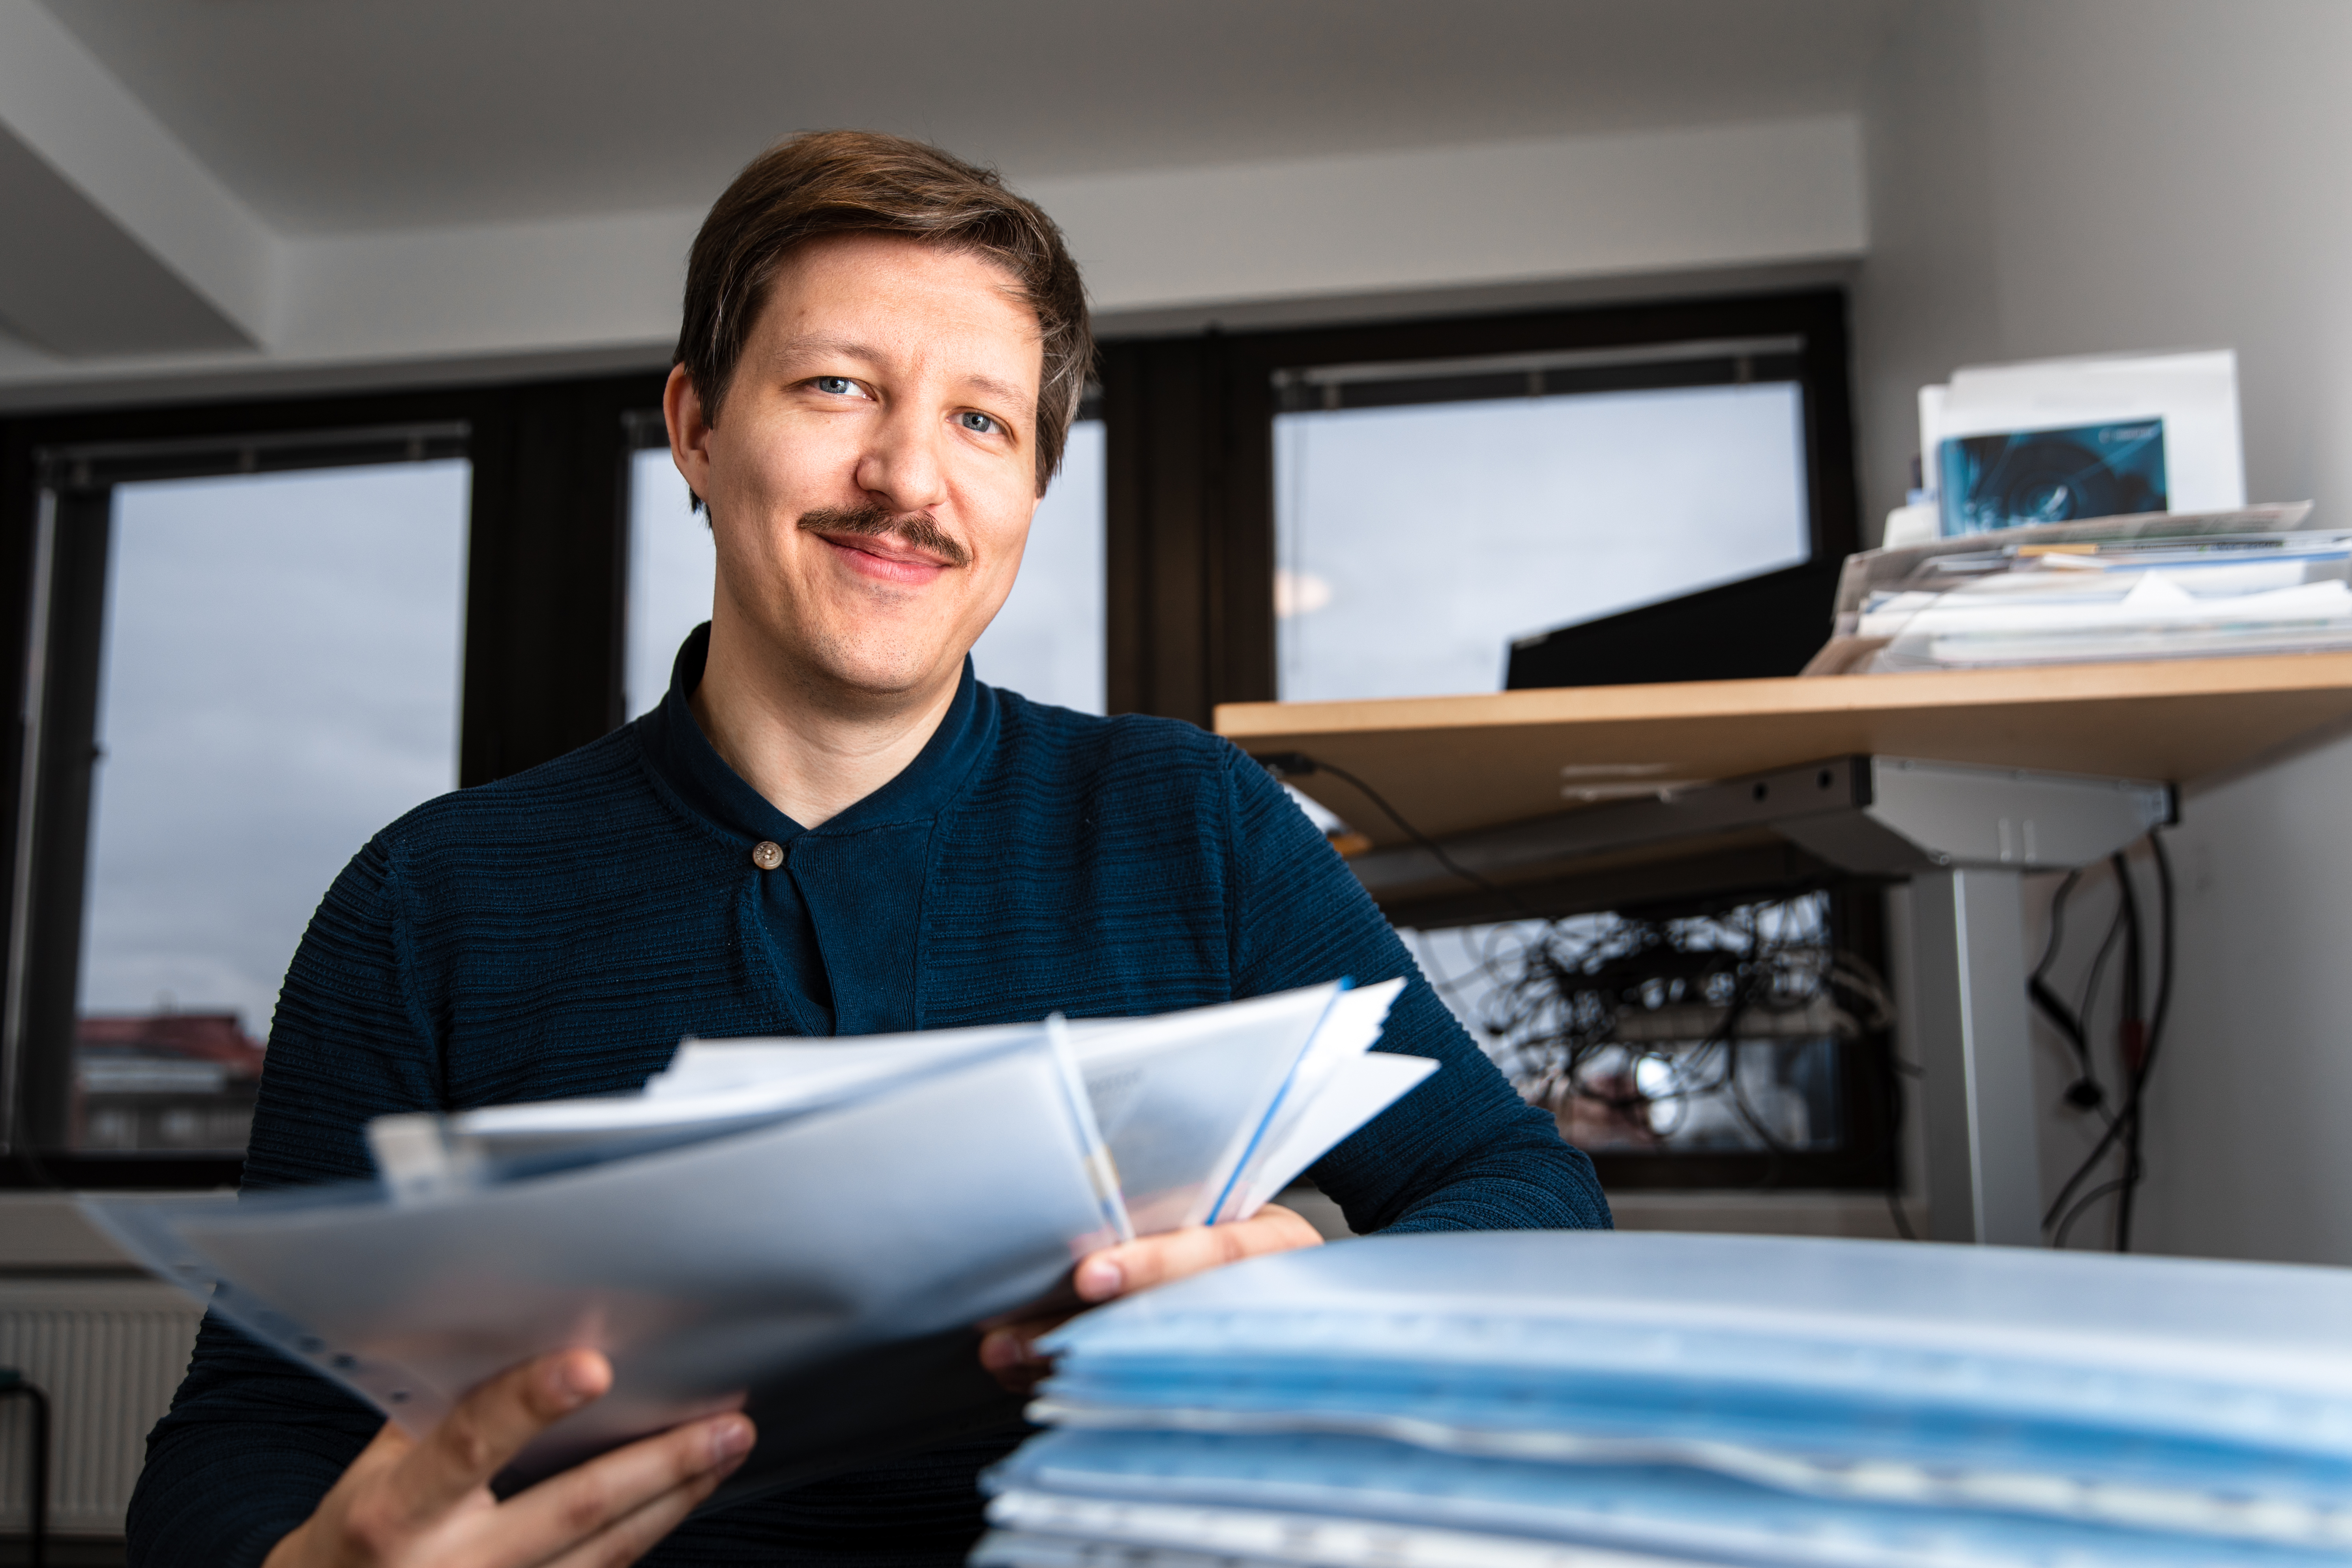 Kahvilatyöntekijän tapaus päätyi toimitsija Toni Åmanin pöydälle yhtenä monista tapauksista. Kuva: Emilia Anundi